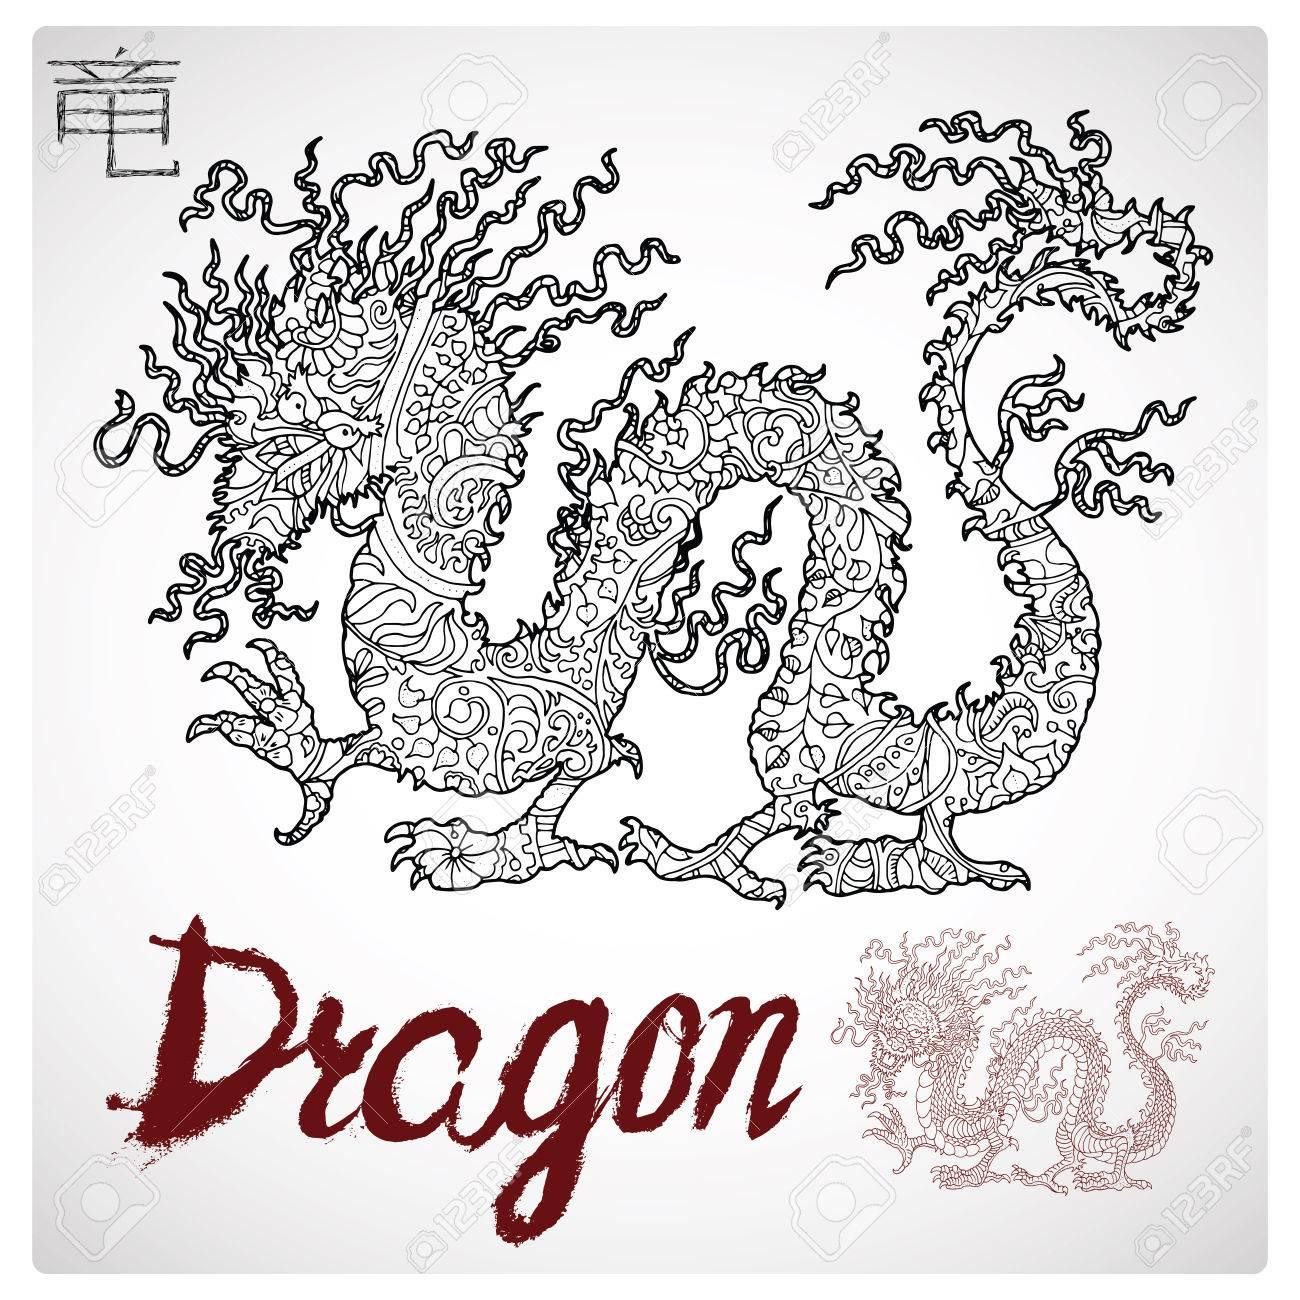 Dibujado A Mano Ilustración De Dragón Con El Modelo Zen Y Las Letras ...